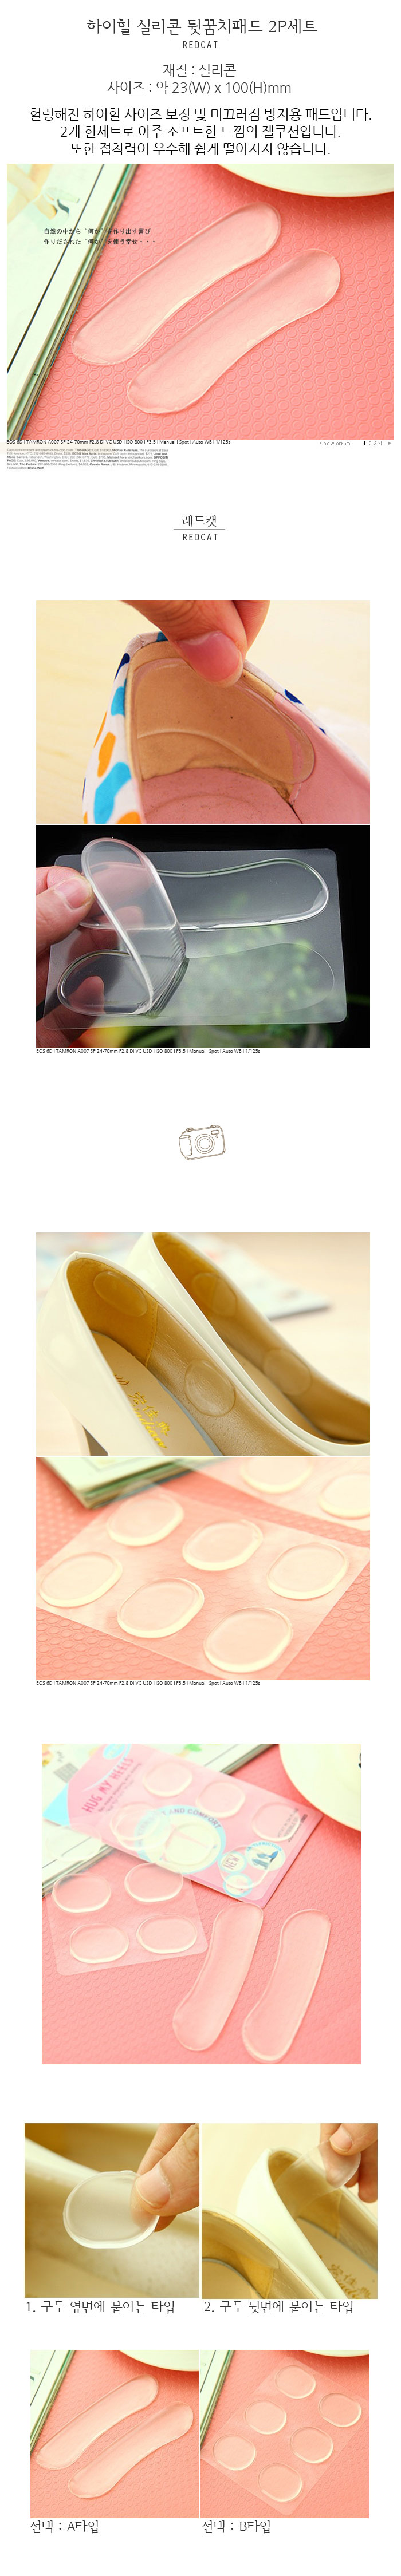 하이힐 실리콘 뒷꿈치패드 2P세트 - 네코리빙, 1,200원, 신발패드/깔창, 미끄럼방지